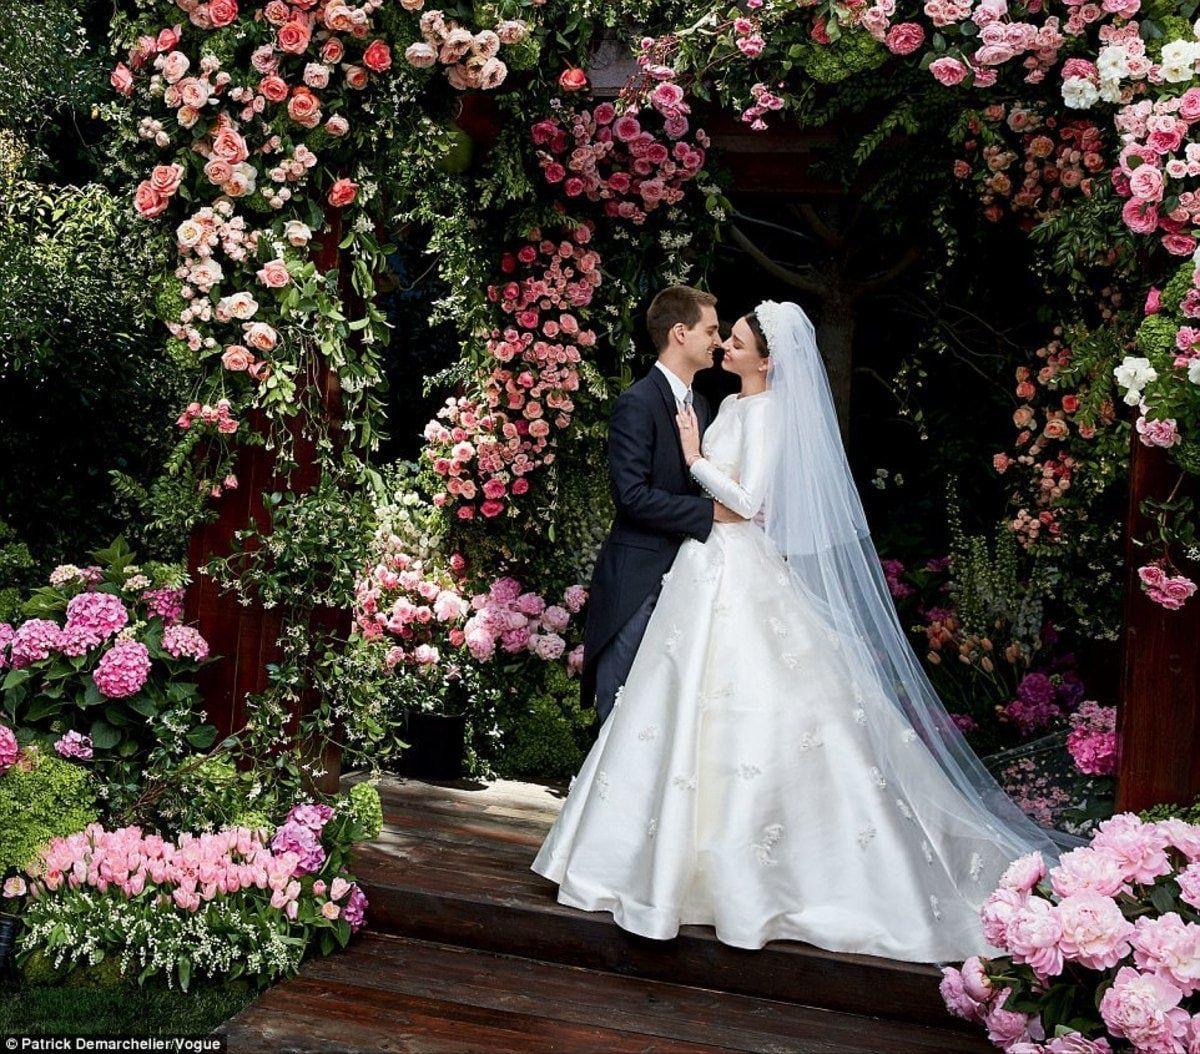 صور عرايس محجبات جميلة جدا اشيك وارق عرايس 2021 صور عرائس محجبات جميلة للغاية صور In 2021 Dior Wedding Dresses Celebrity Wedding Dresses Wedding Dress Inspiration